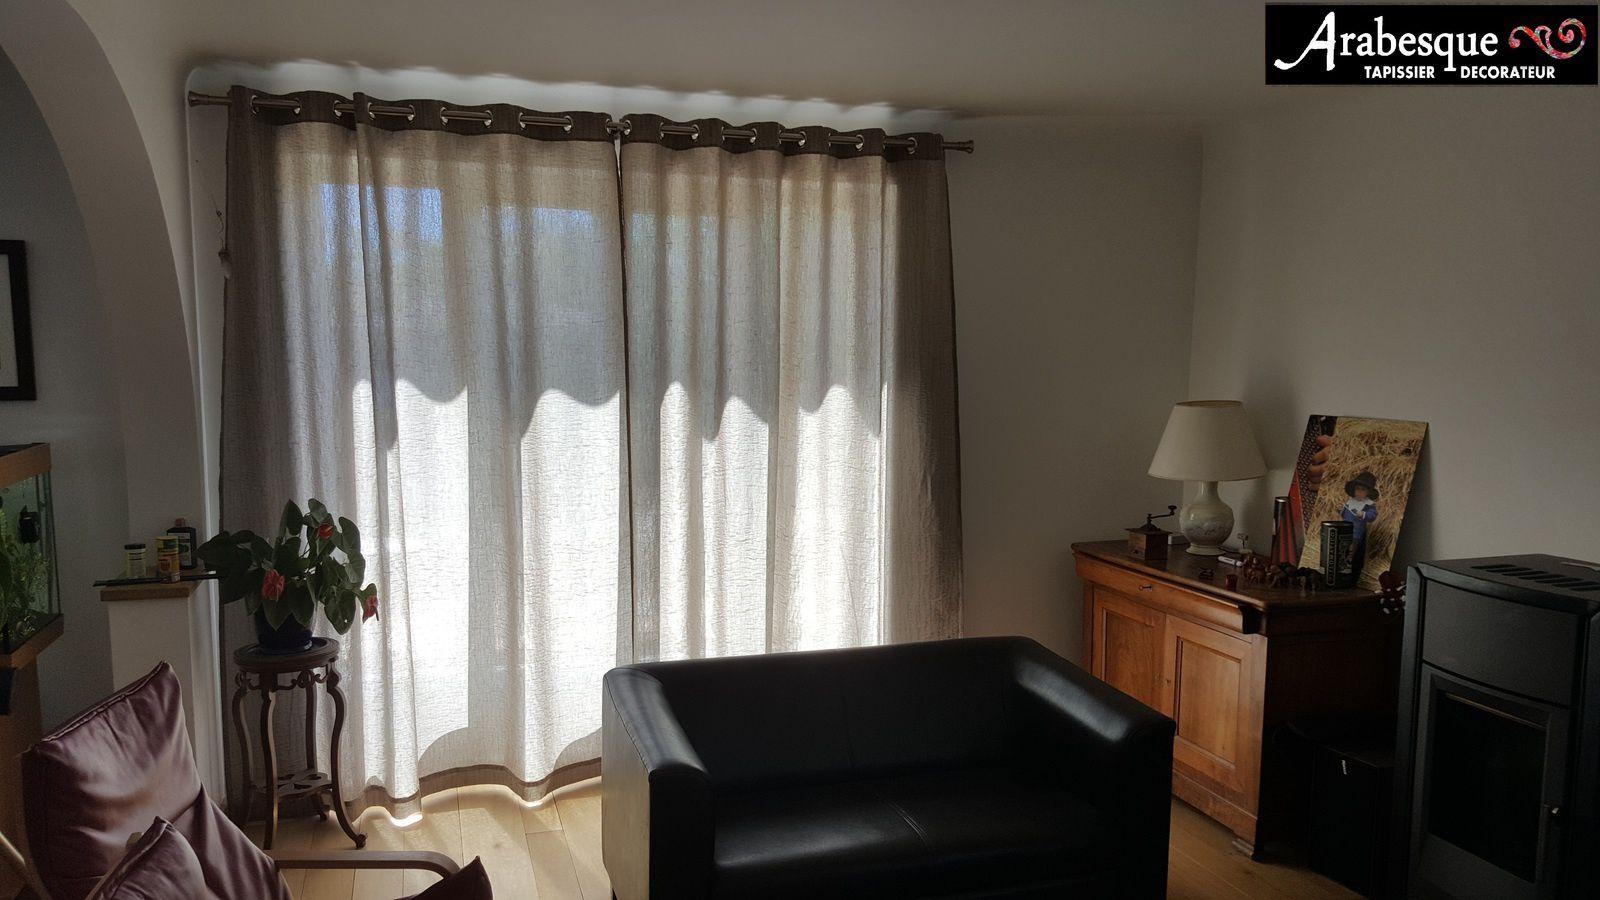 Installation tringle et confection de rideaux arabesque thiers lezoux tapissi - Installer une tringle a rideaux ...